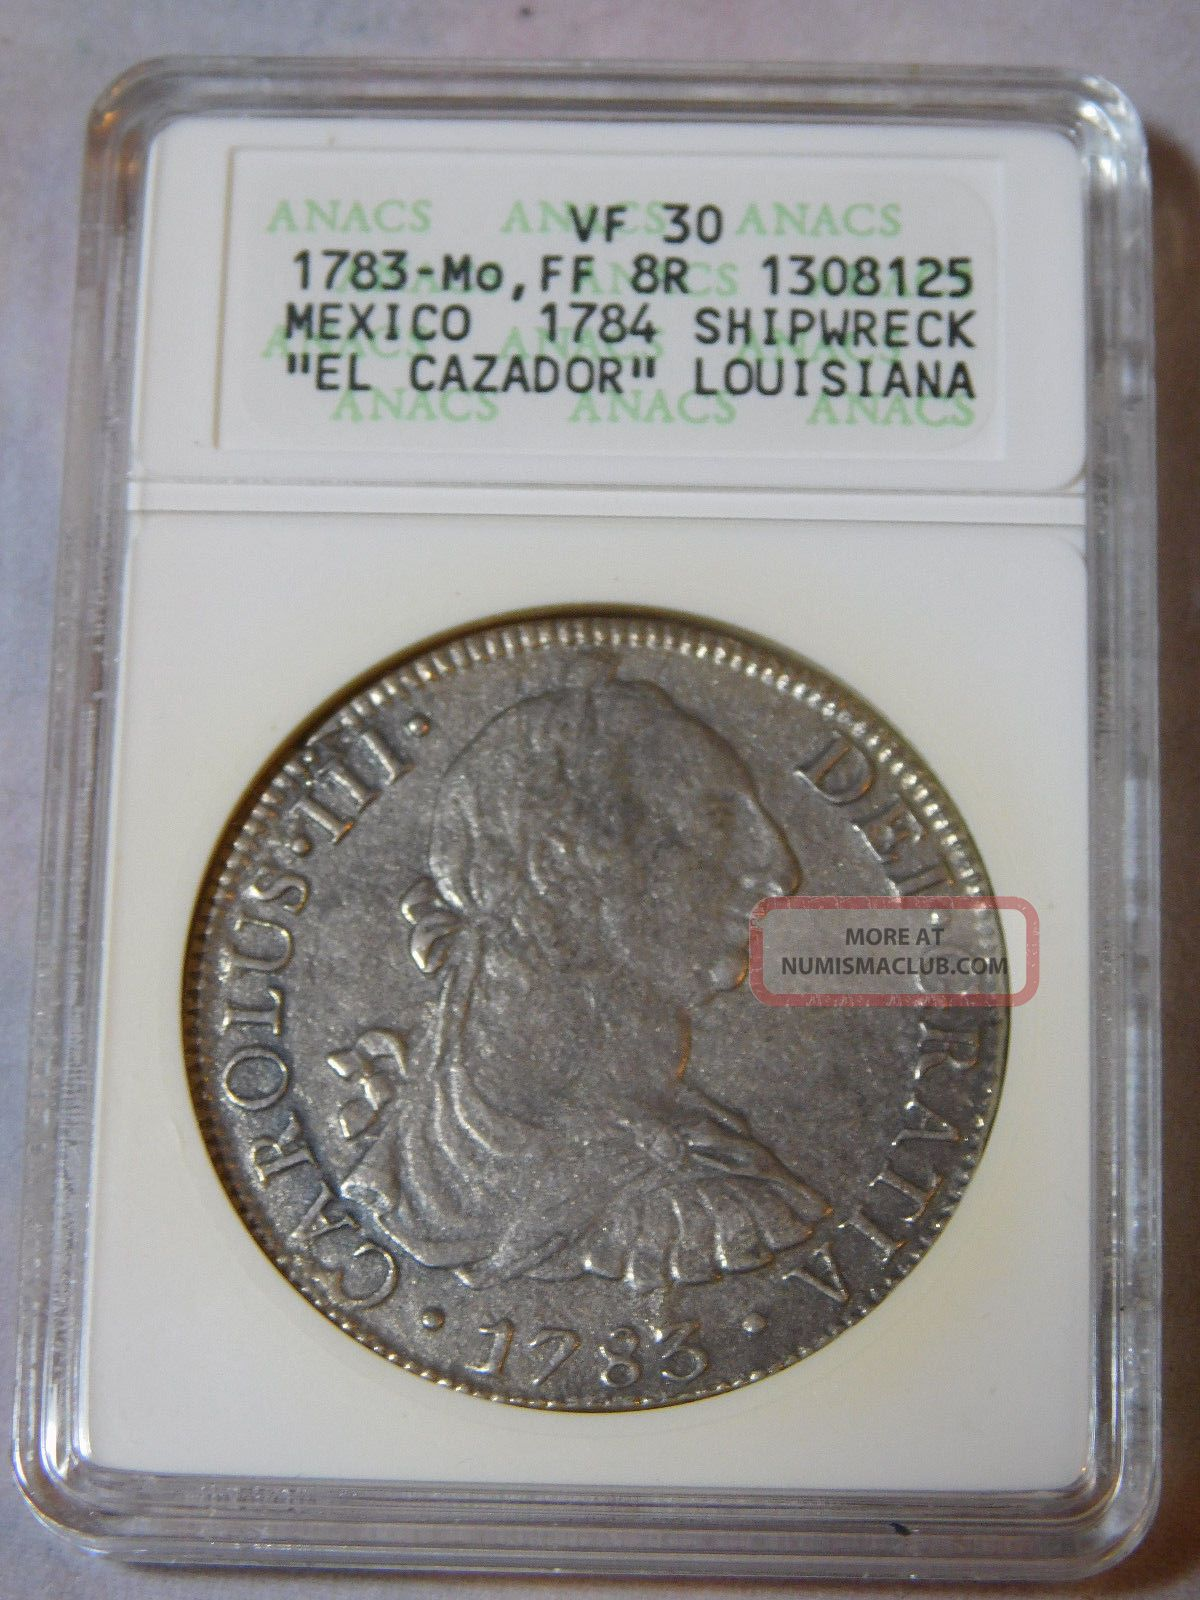 1783 - Mo,  Ff 8r Reales Mexico El Cazador Louisiana Shipwreck Coin Anacs Vf 30 Mexico photo